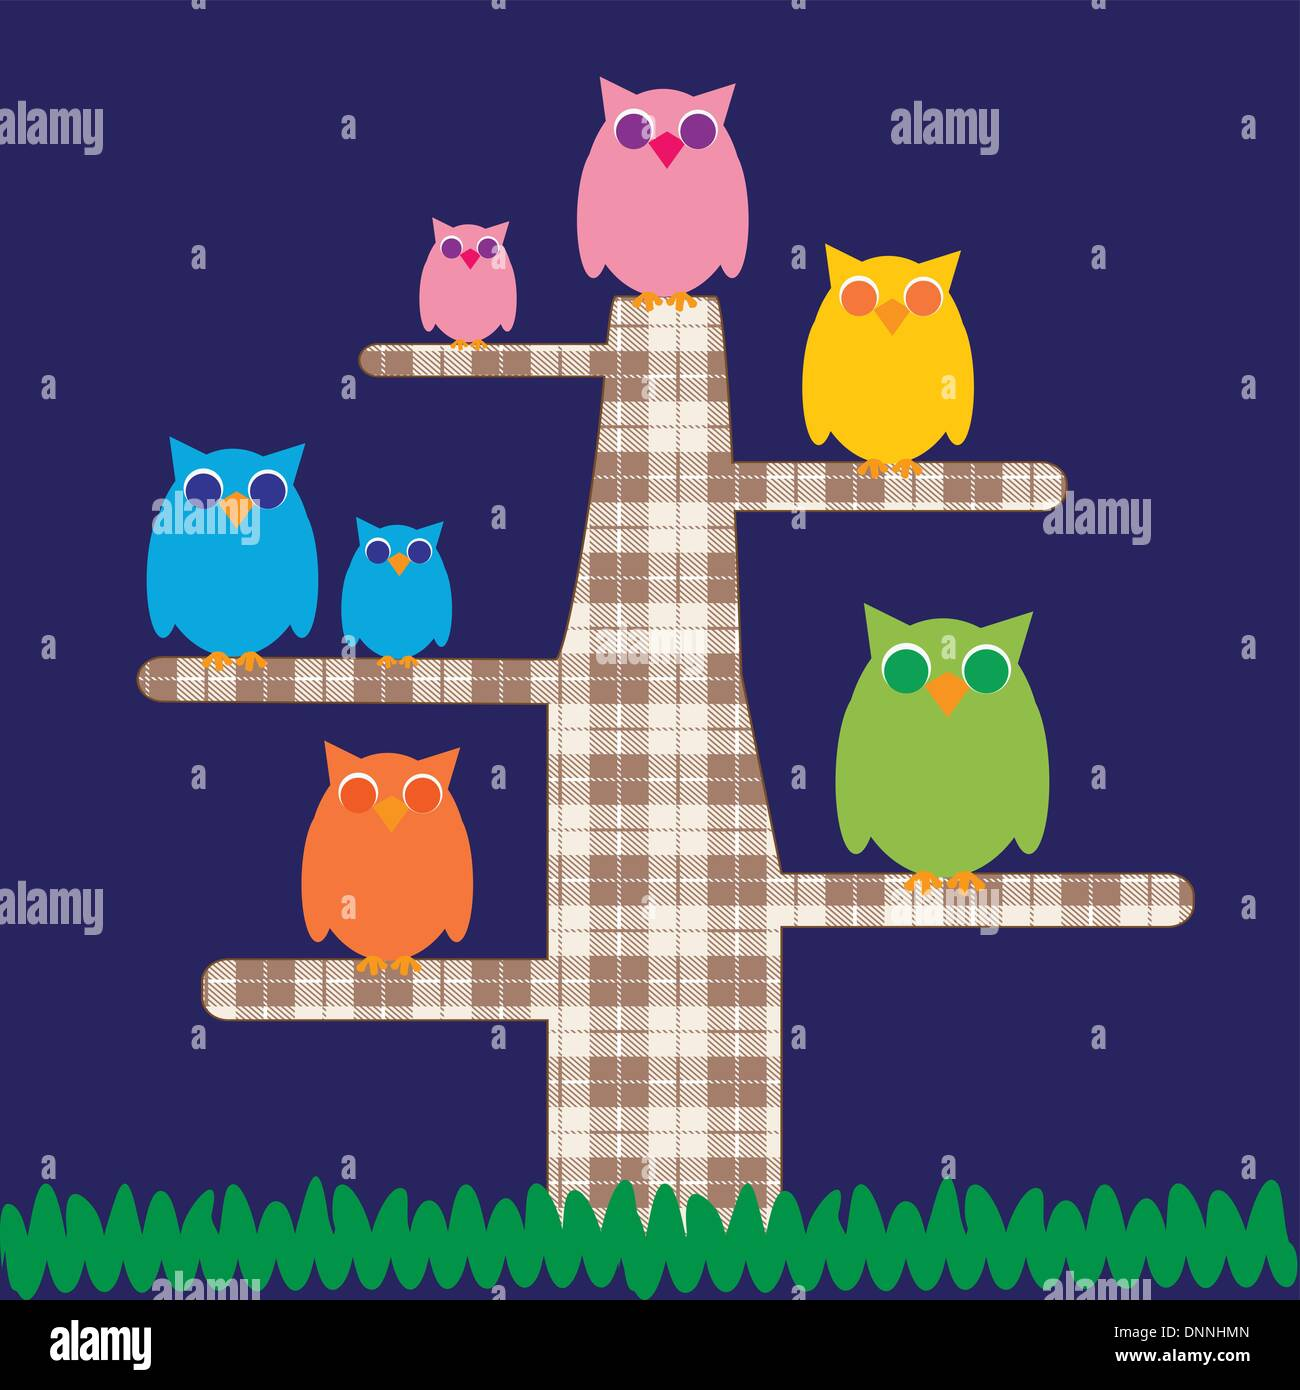 Simpatico cartoon per bambini con struttura ad albero e possiede Illustrazione Vettoriale